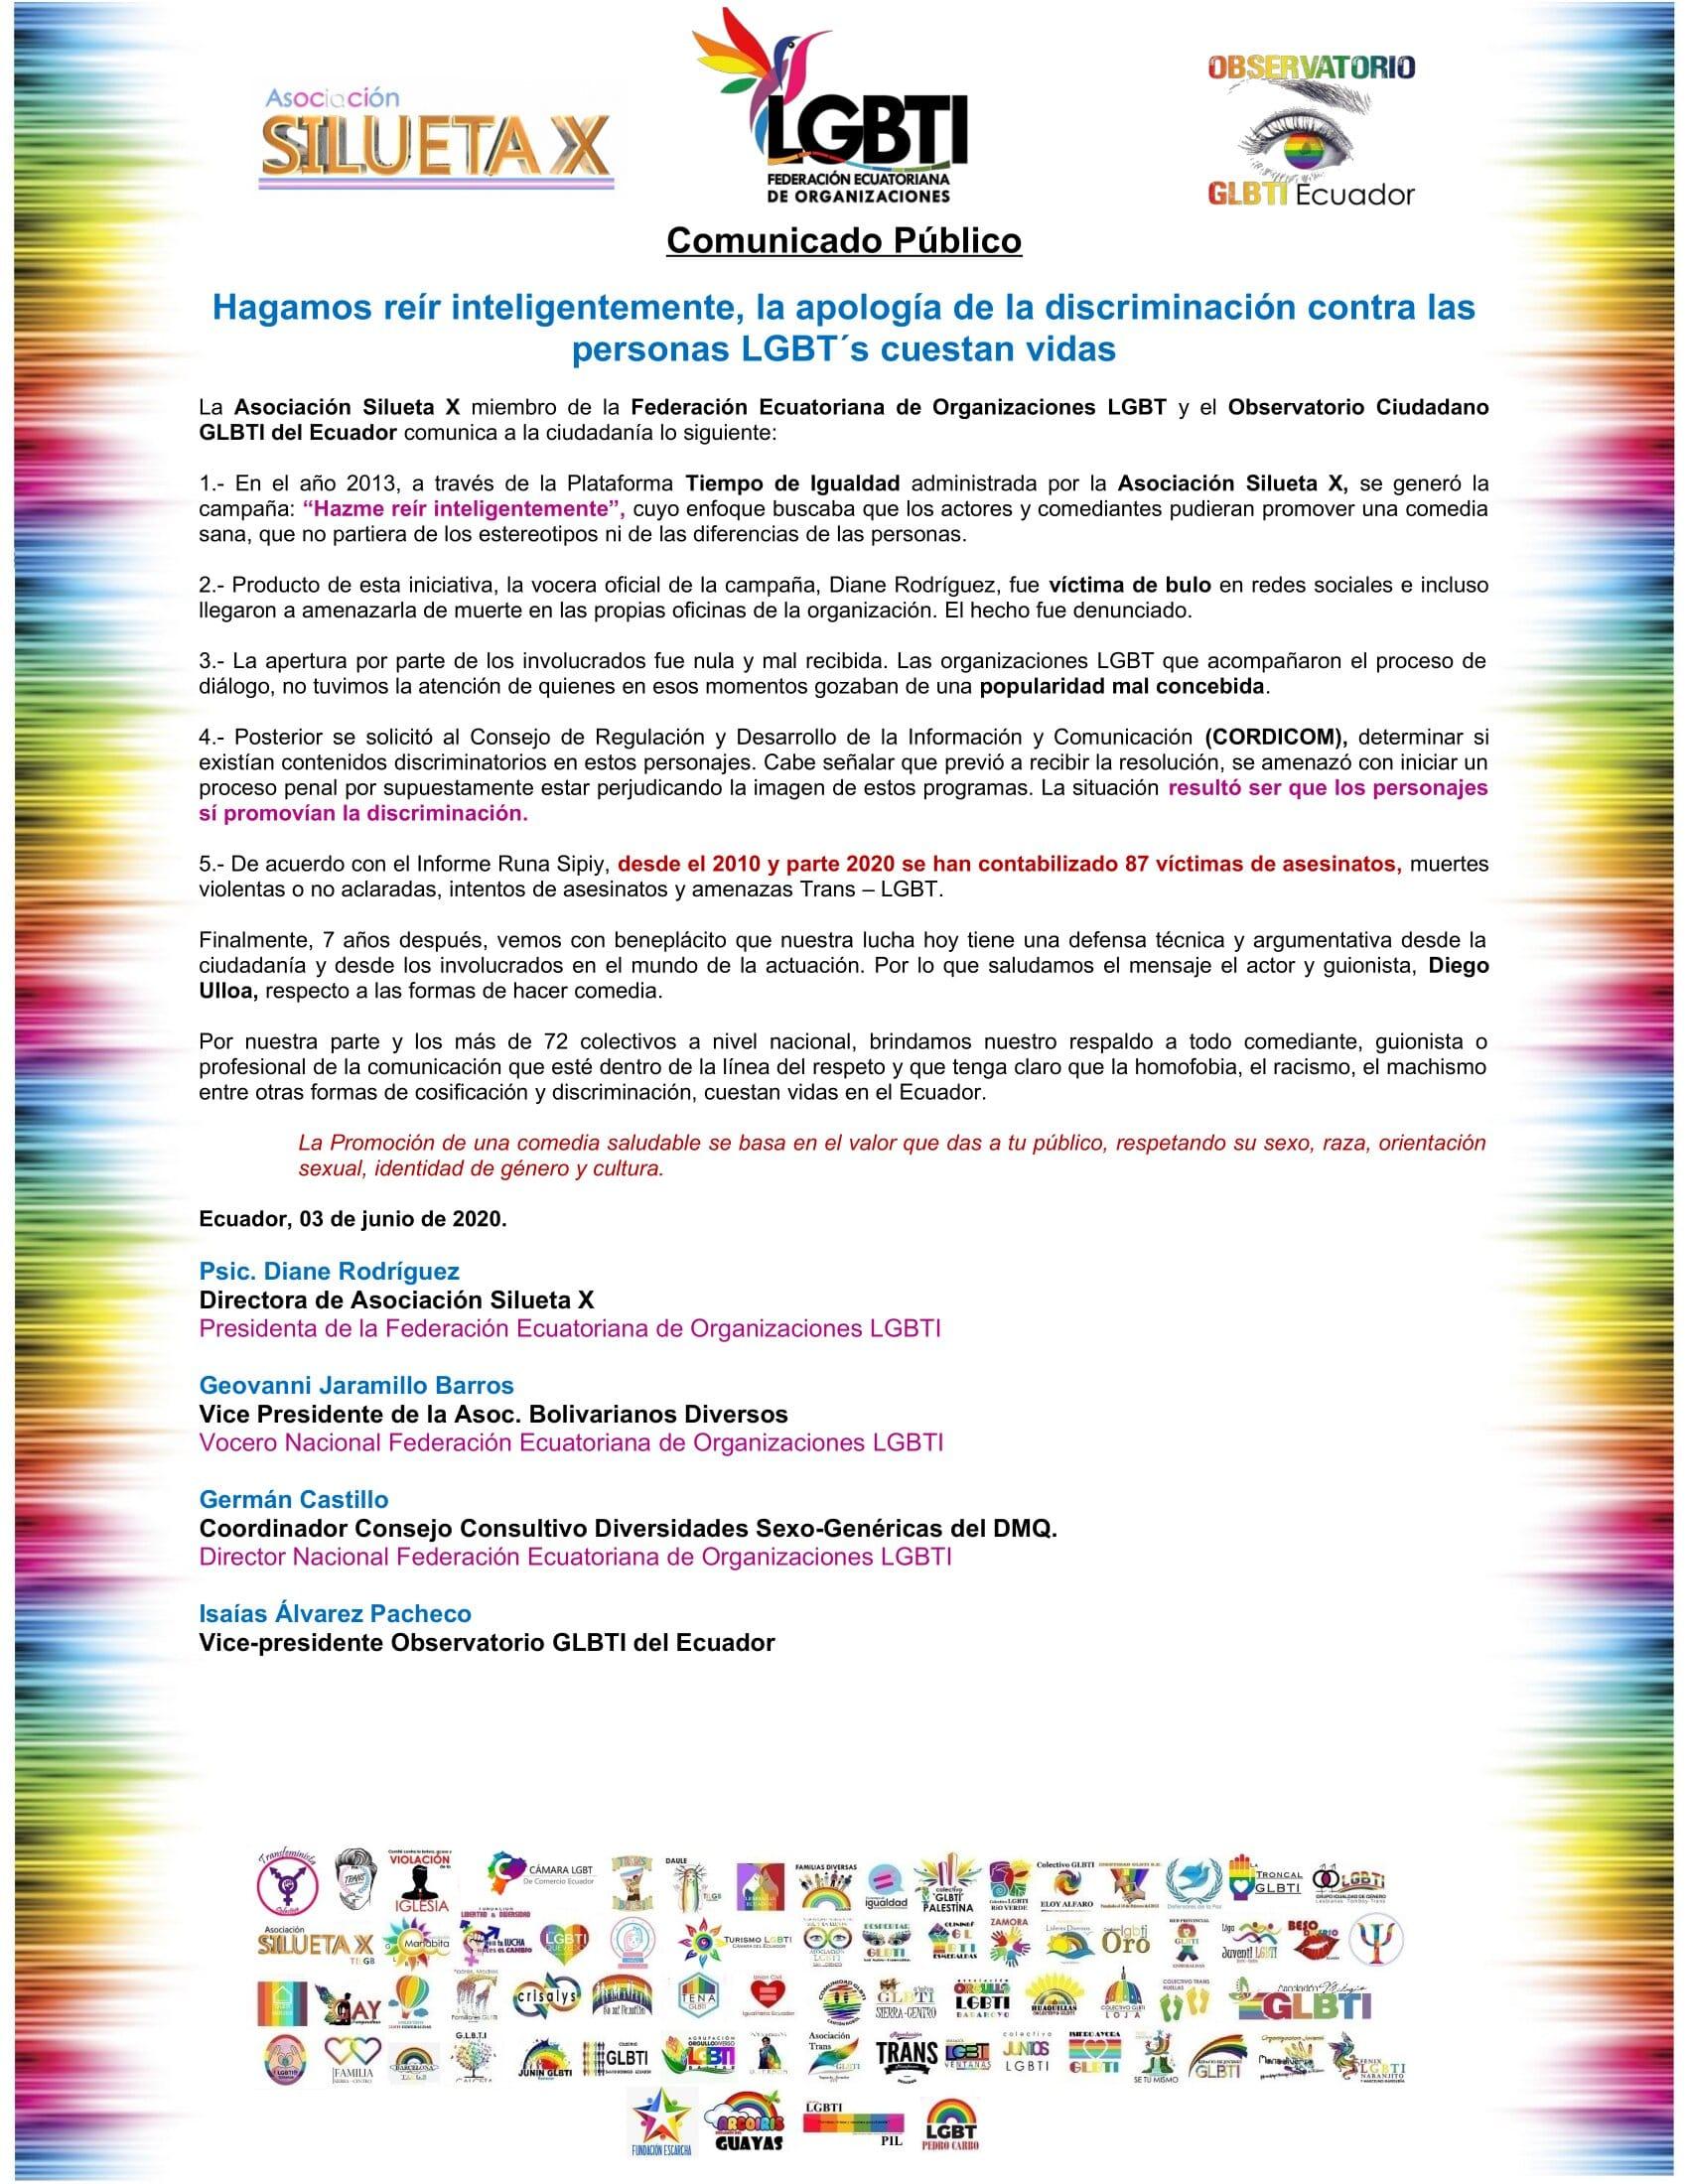 Comunicado Público - Hagamos reír inteligentemente, la apología de la discriminación contra las personas LGBT´s cuestan vidas - Asociación Silueta X - federación Ecuatoriana de Organizaciones LGBT